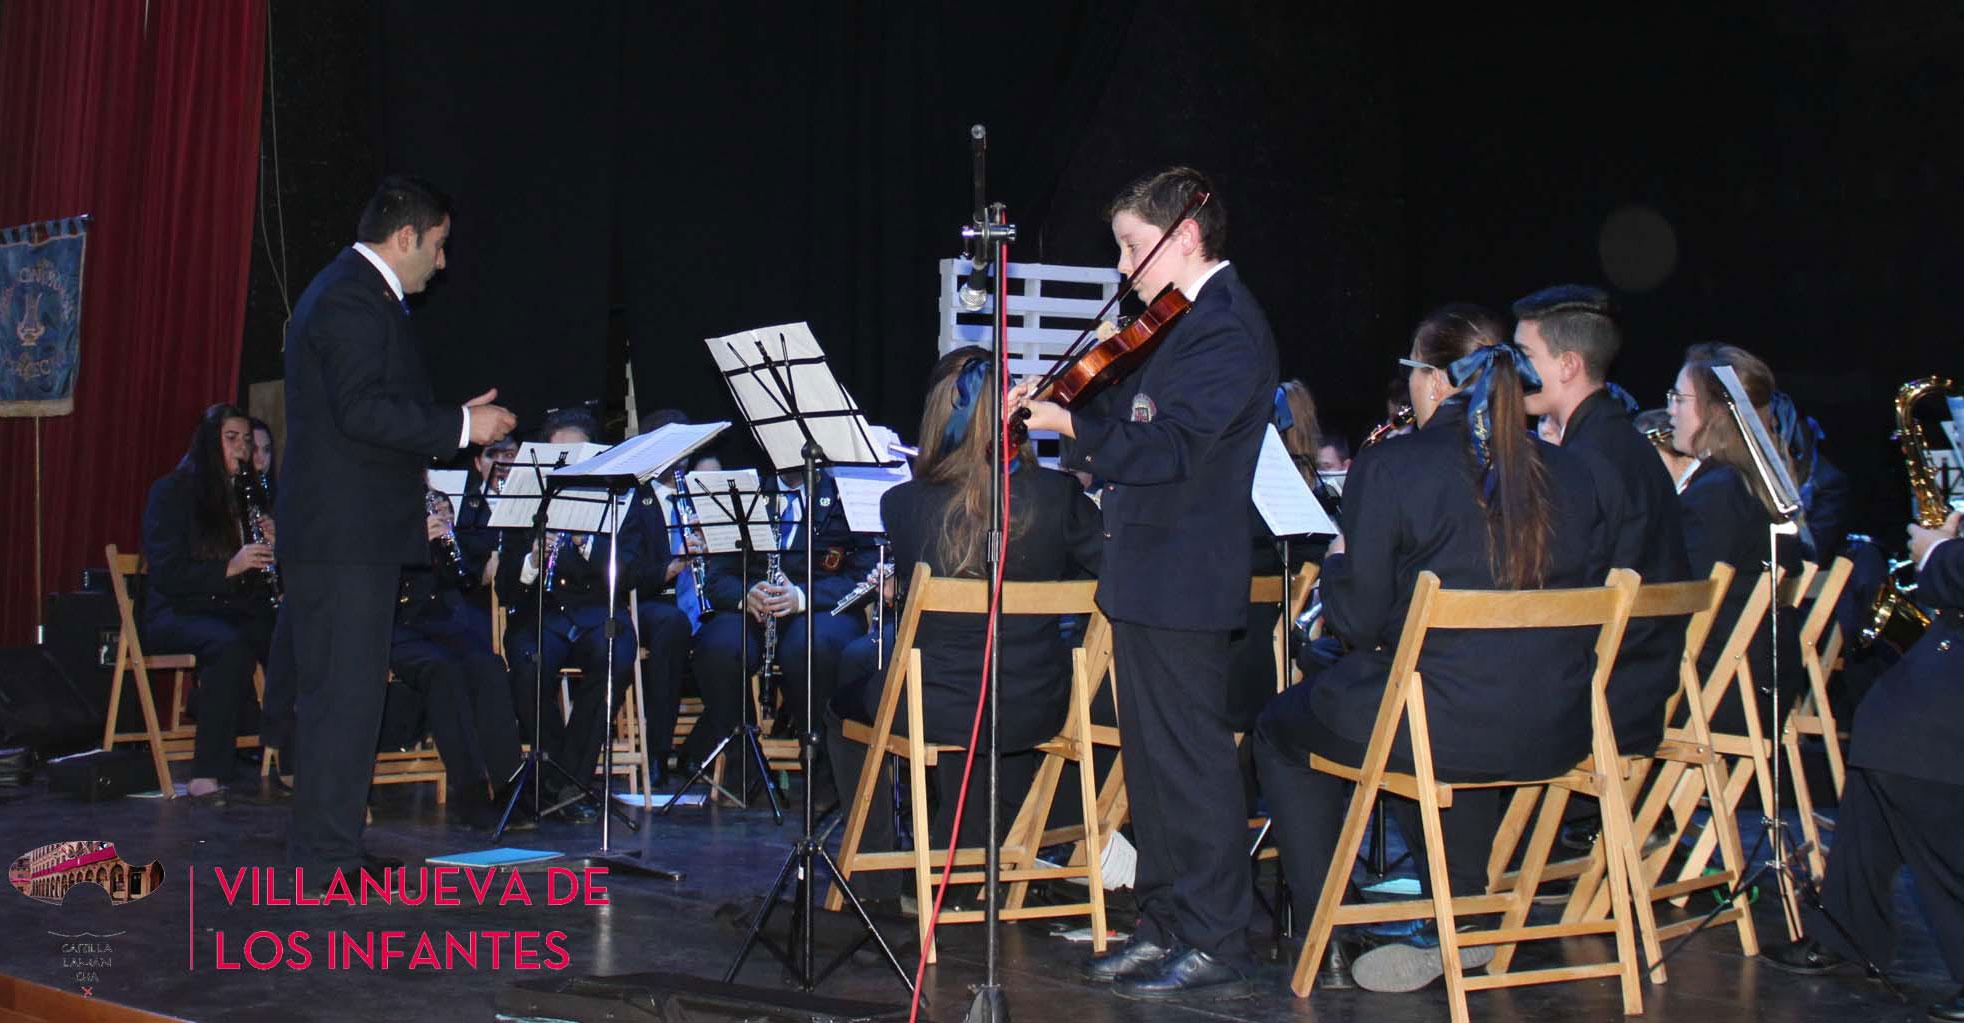 La Agrupación Musical Santa Cecilia celebró el concierto homenaje a su patrona